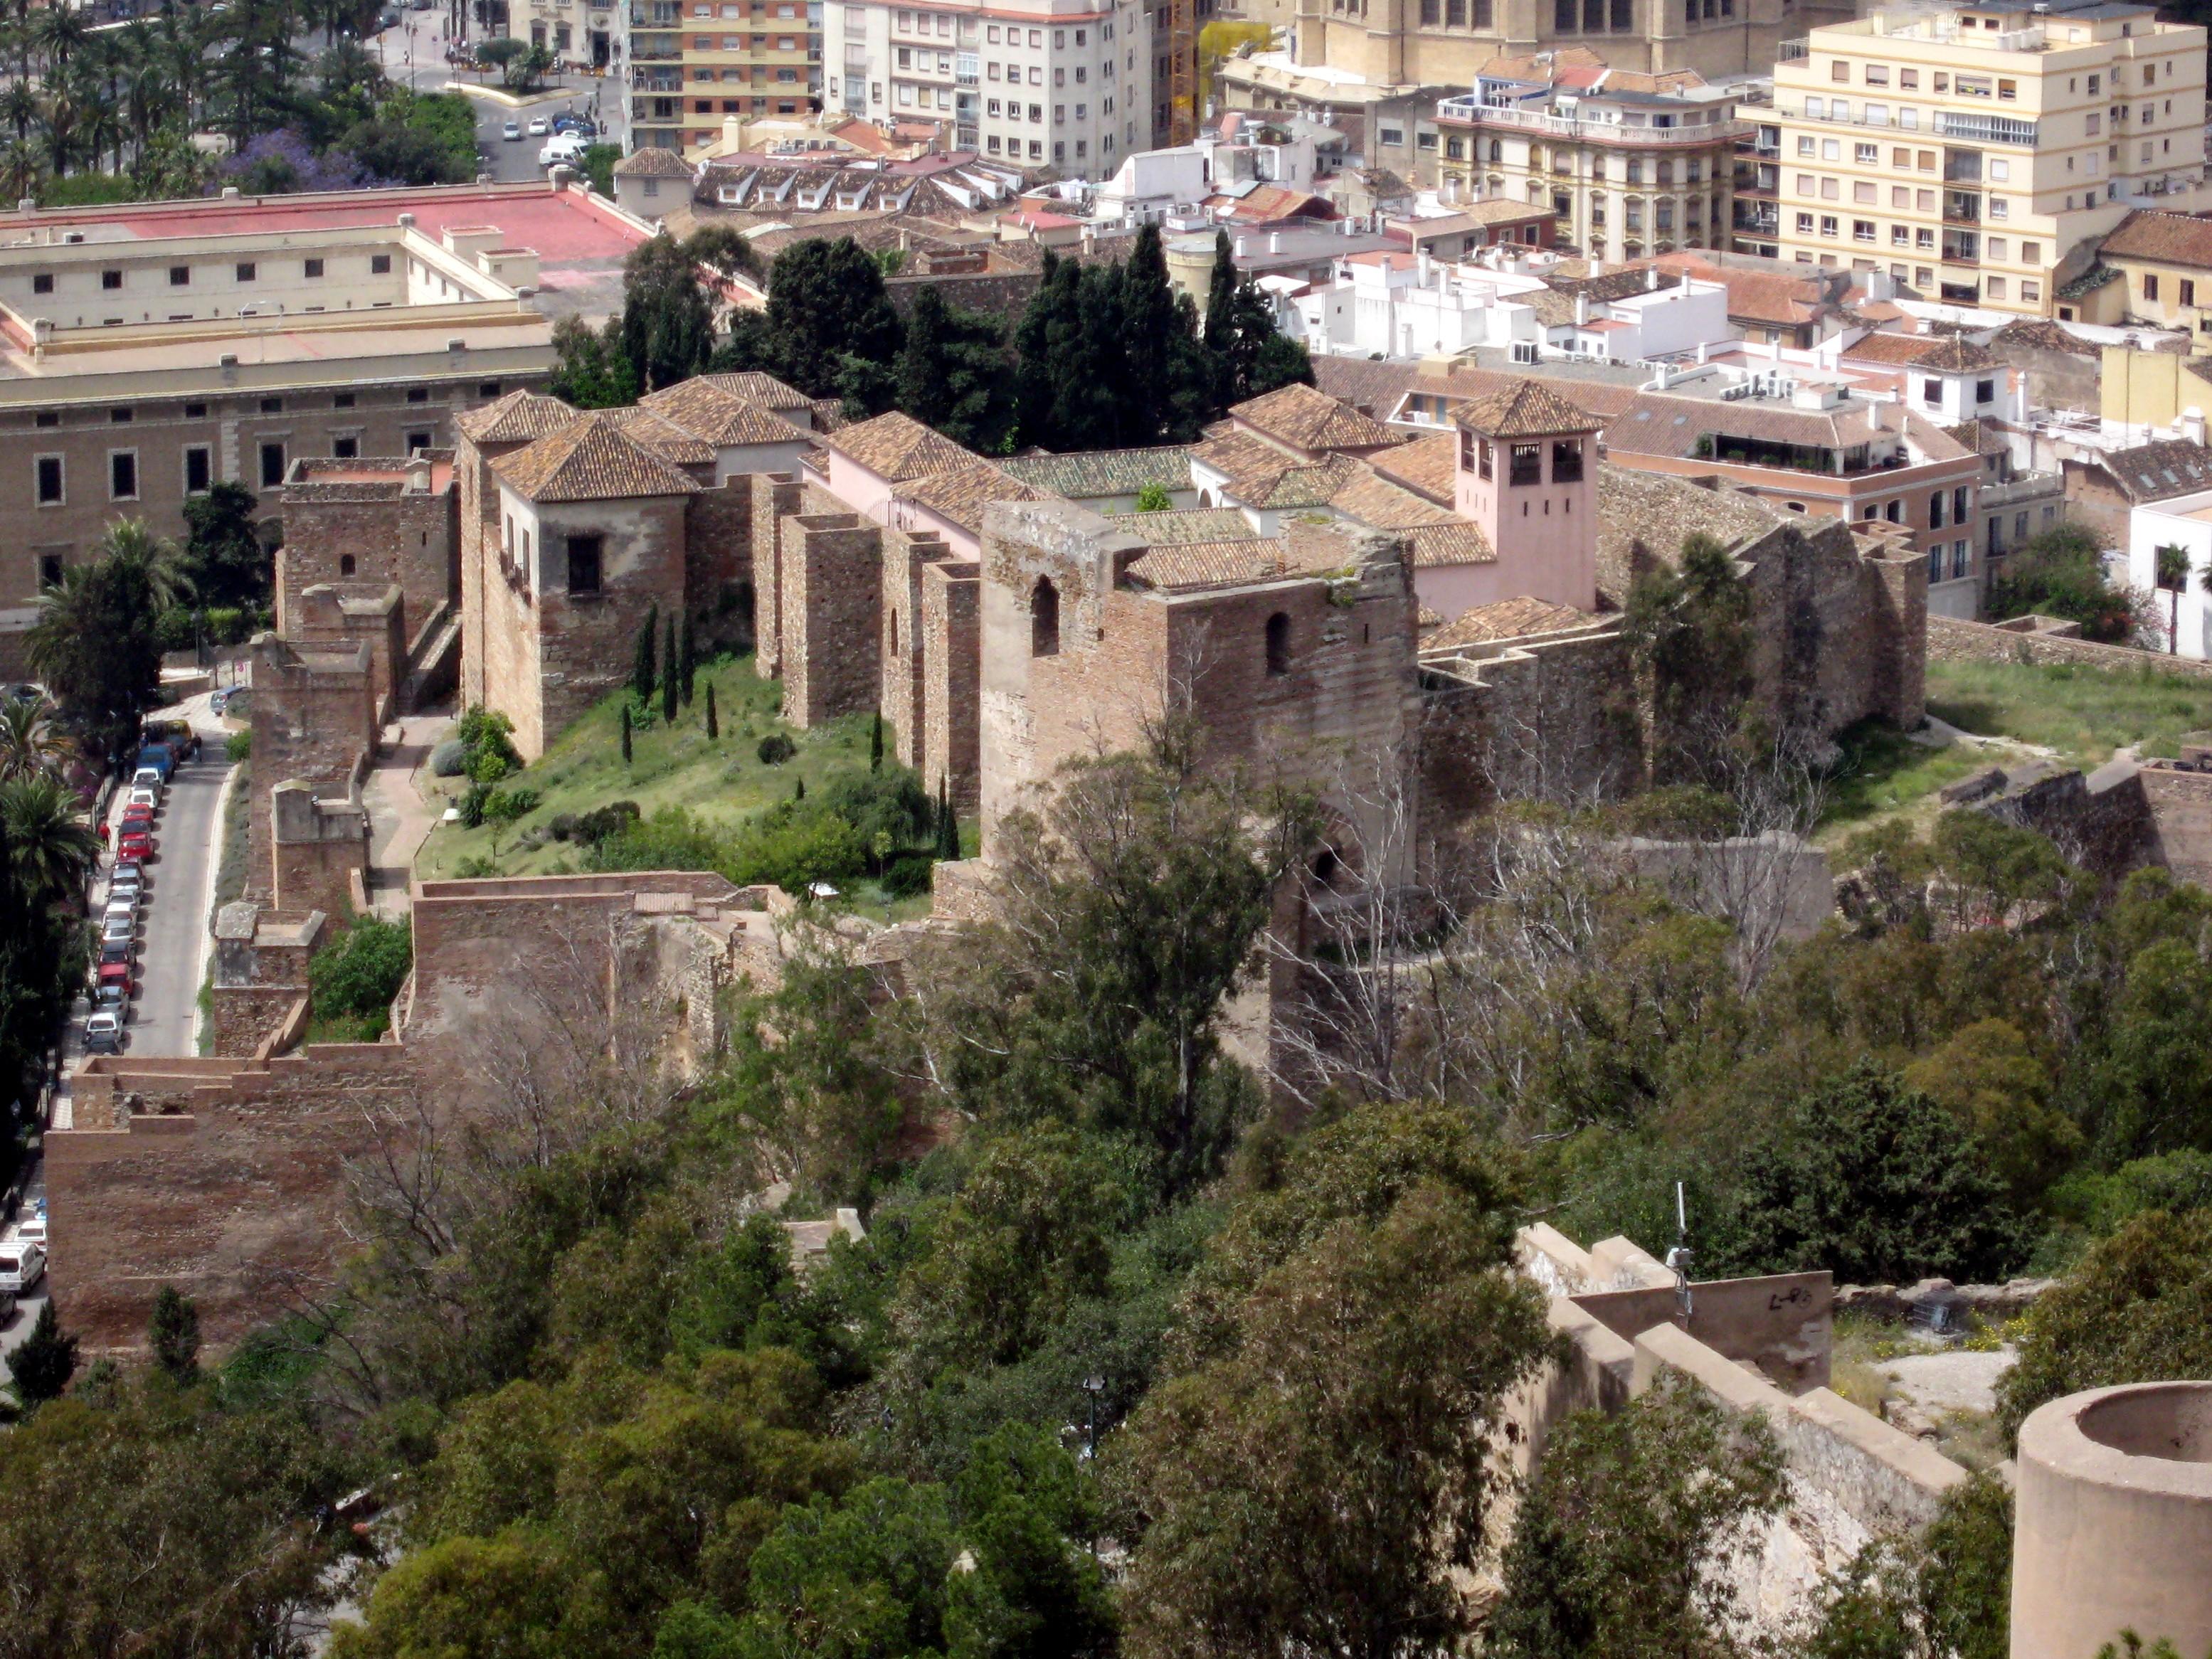 File:Málaga Alcazaba 01.jpg - Wikimedia Commons